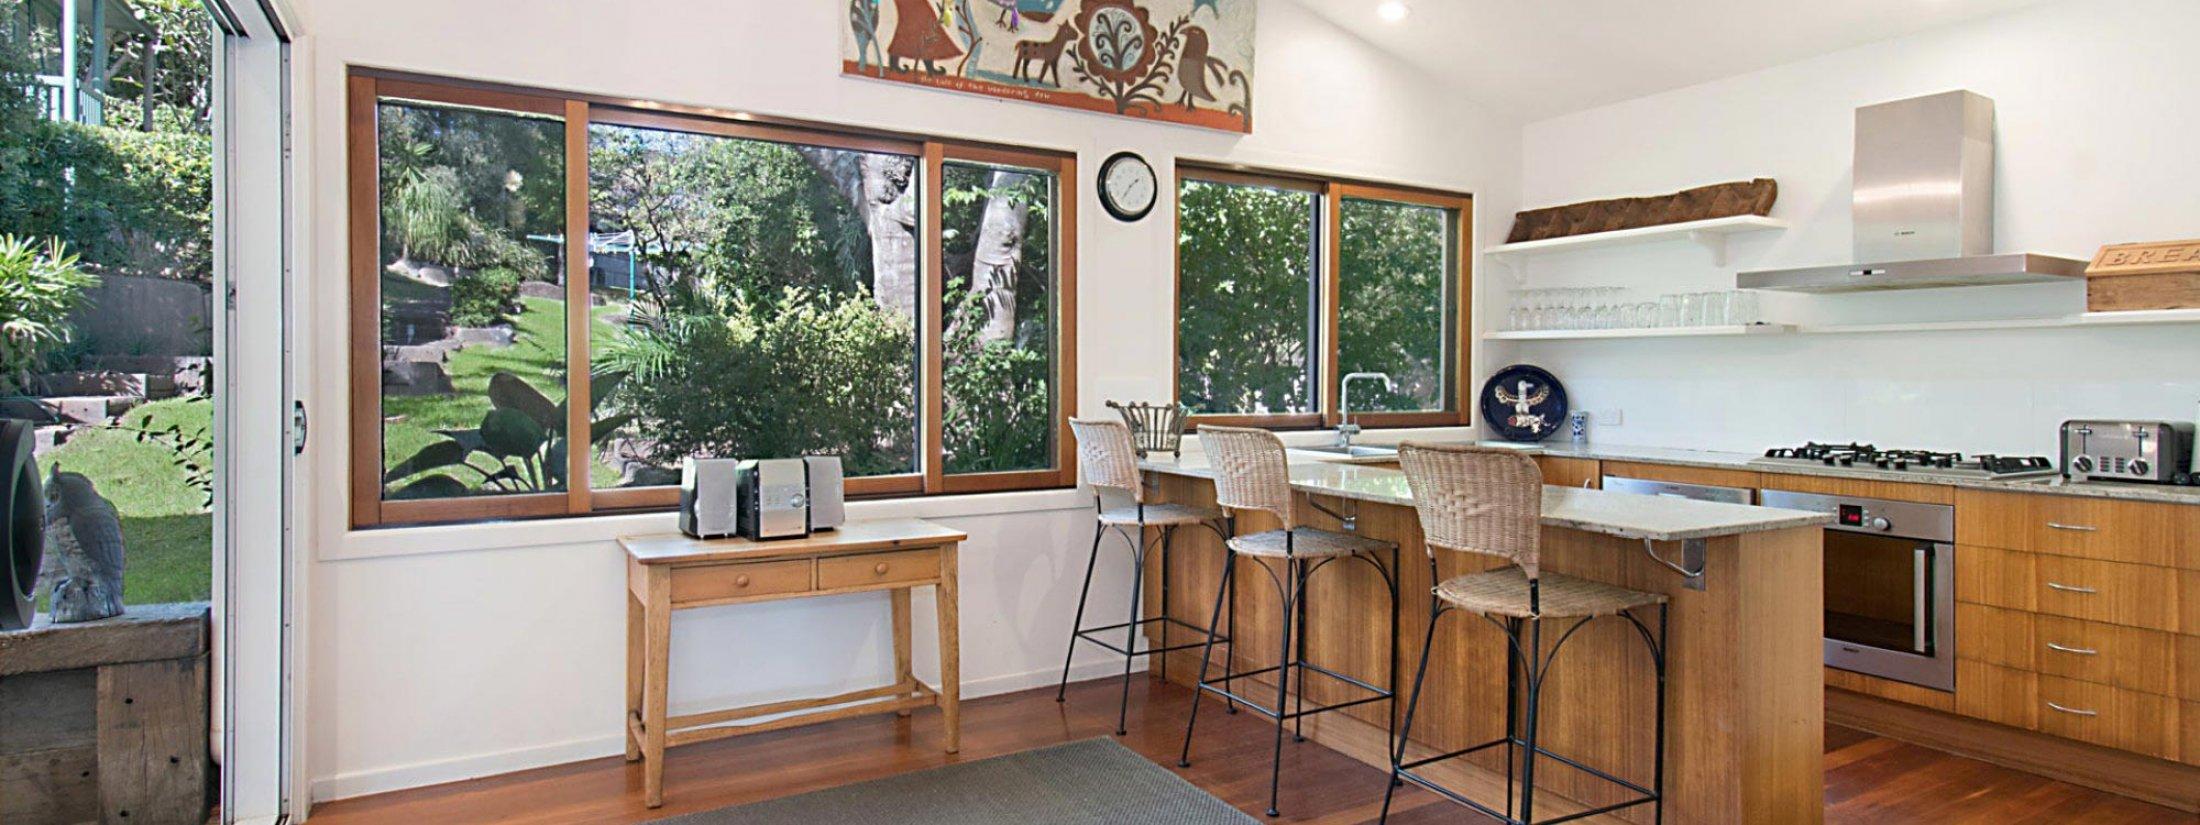 Byron View - Clarkes Beach - Kitchen